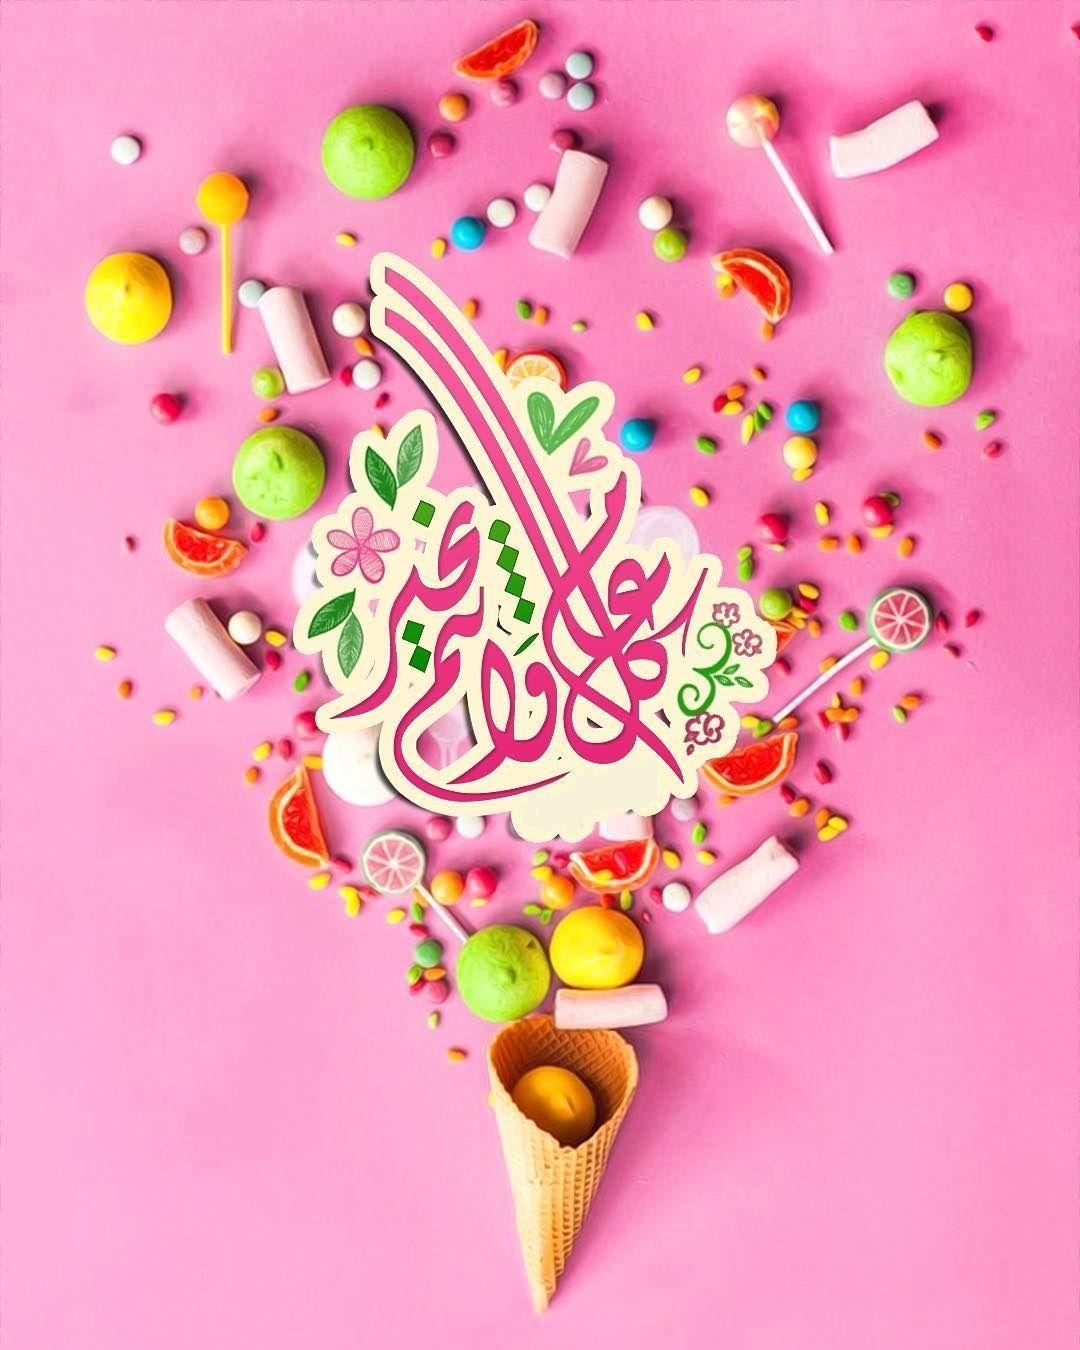 Pin By رغــــــد On عـيـد سعـيــد Eid Greetings Eid Cards Happy Eid